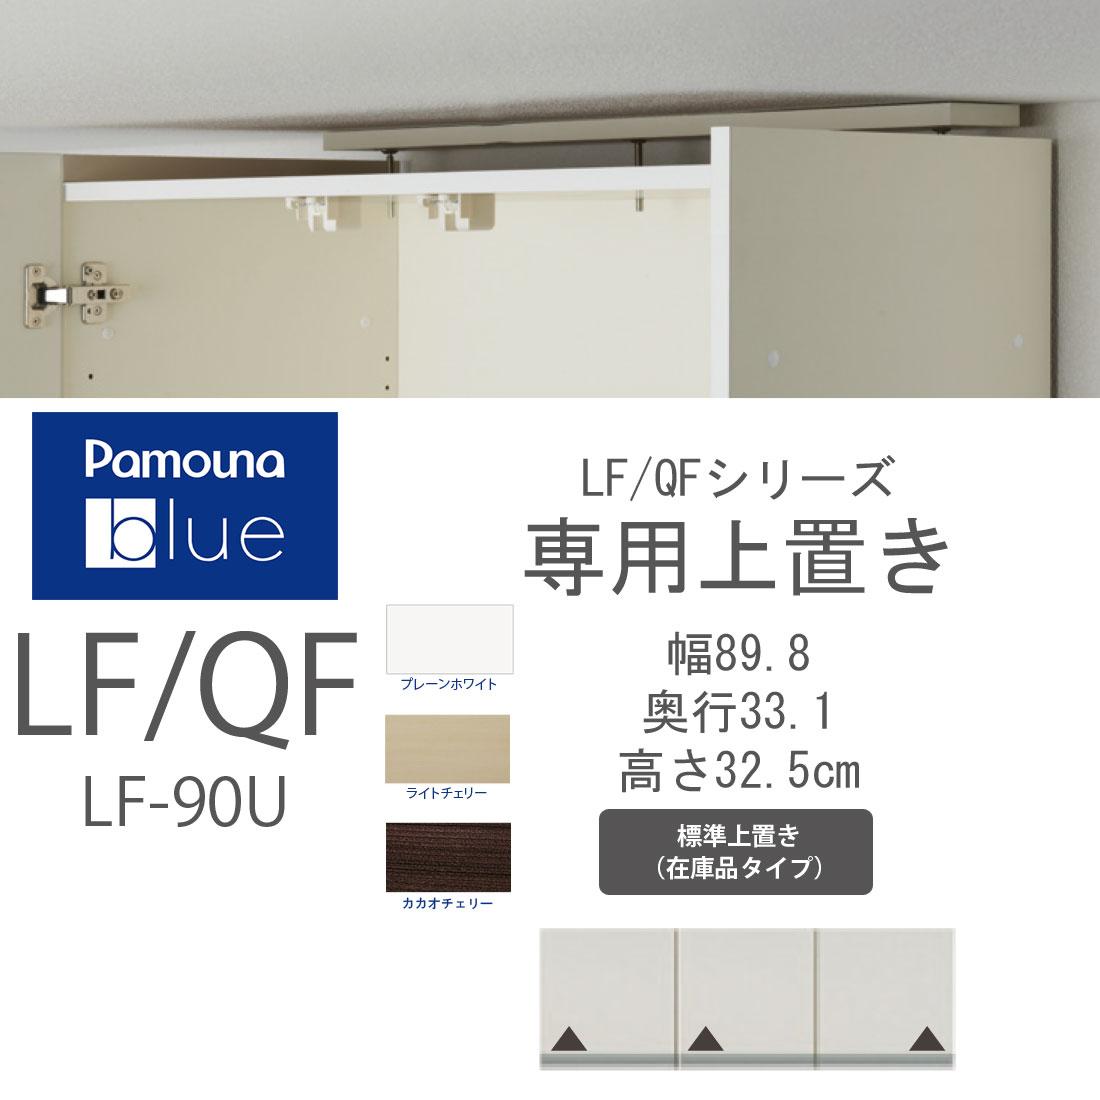 LF-90U 【本州、四国は開梱設置無料】 パモウナ LF/QF 標準上置 【幅89.8×奥行33.1×高さ32.5cm】 プレーンホワイト LF-90U パモウナ食器棚 パモウナ 安心 食器棚